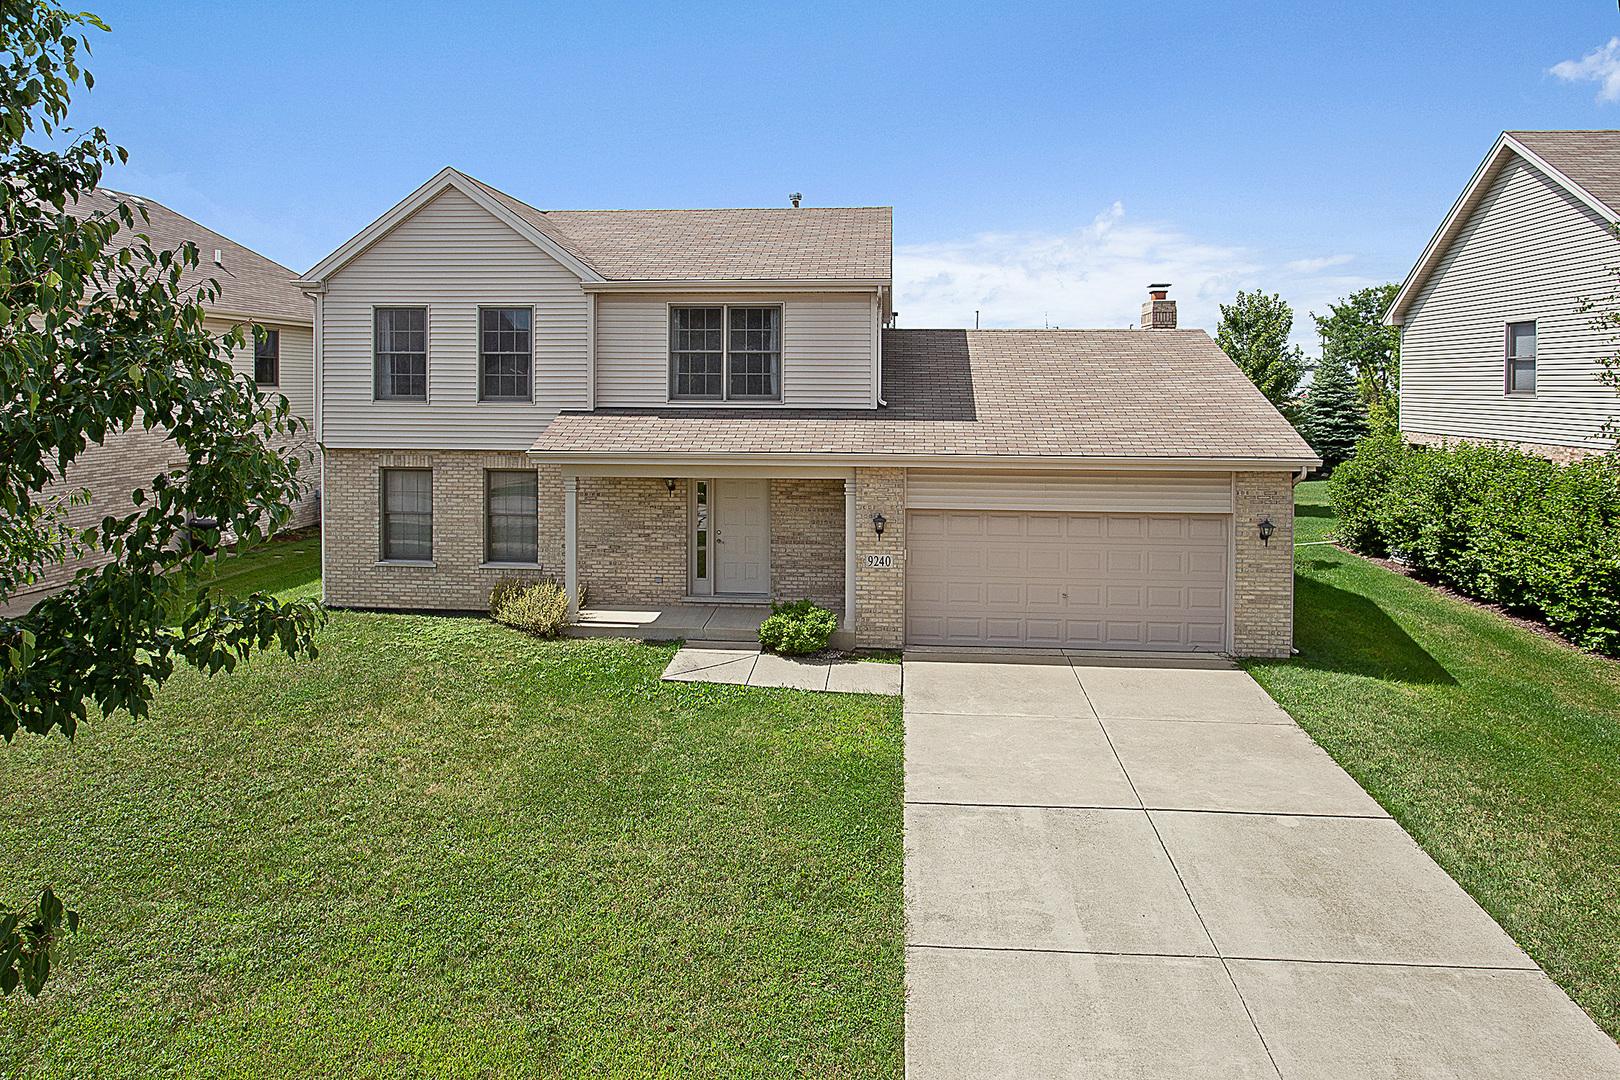 9240 Witham Lane, Woodridge, Illinois